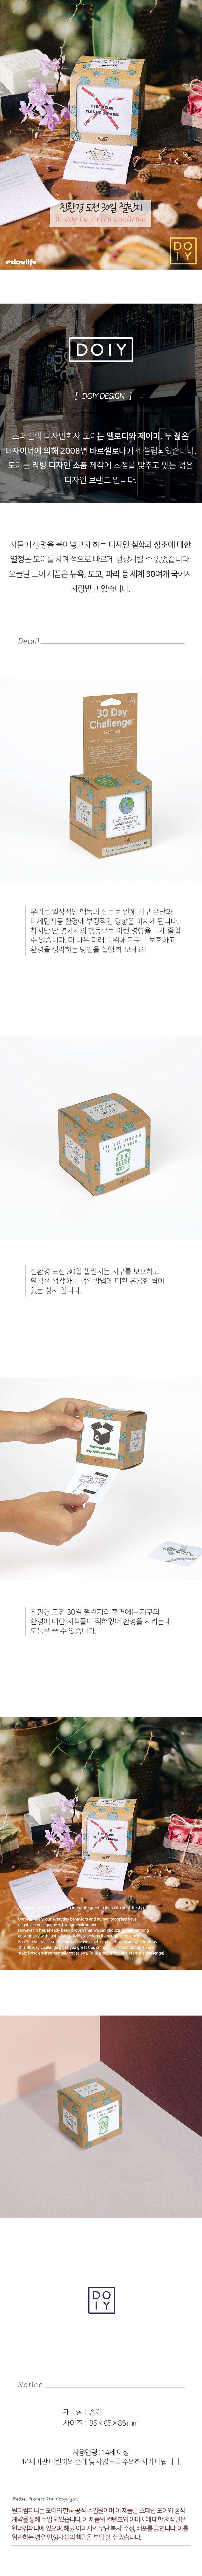 [도이] 친환경 도전 30일 챌린지 - 원더컴퍼니, 13,000원, 플래너, 테마플래너